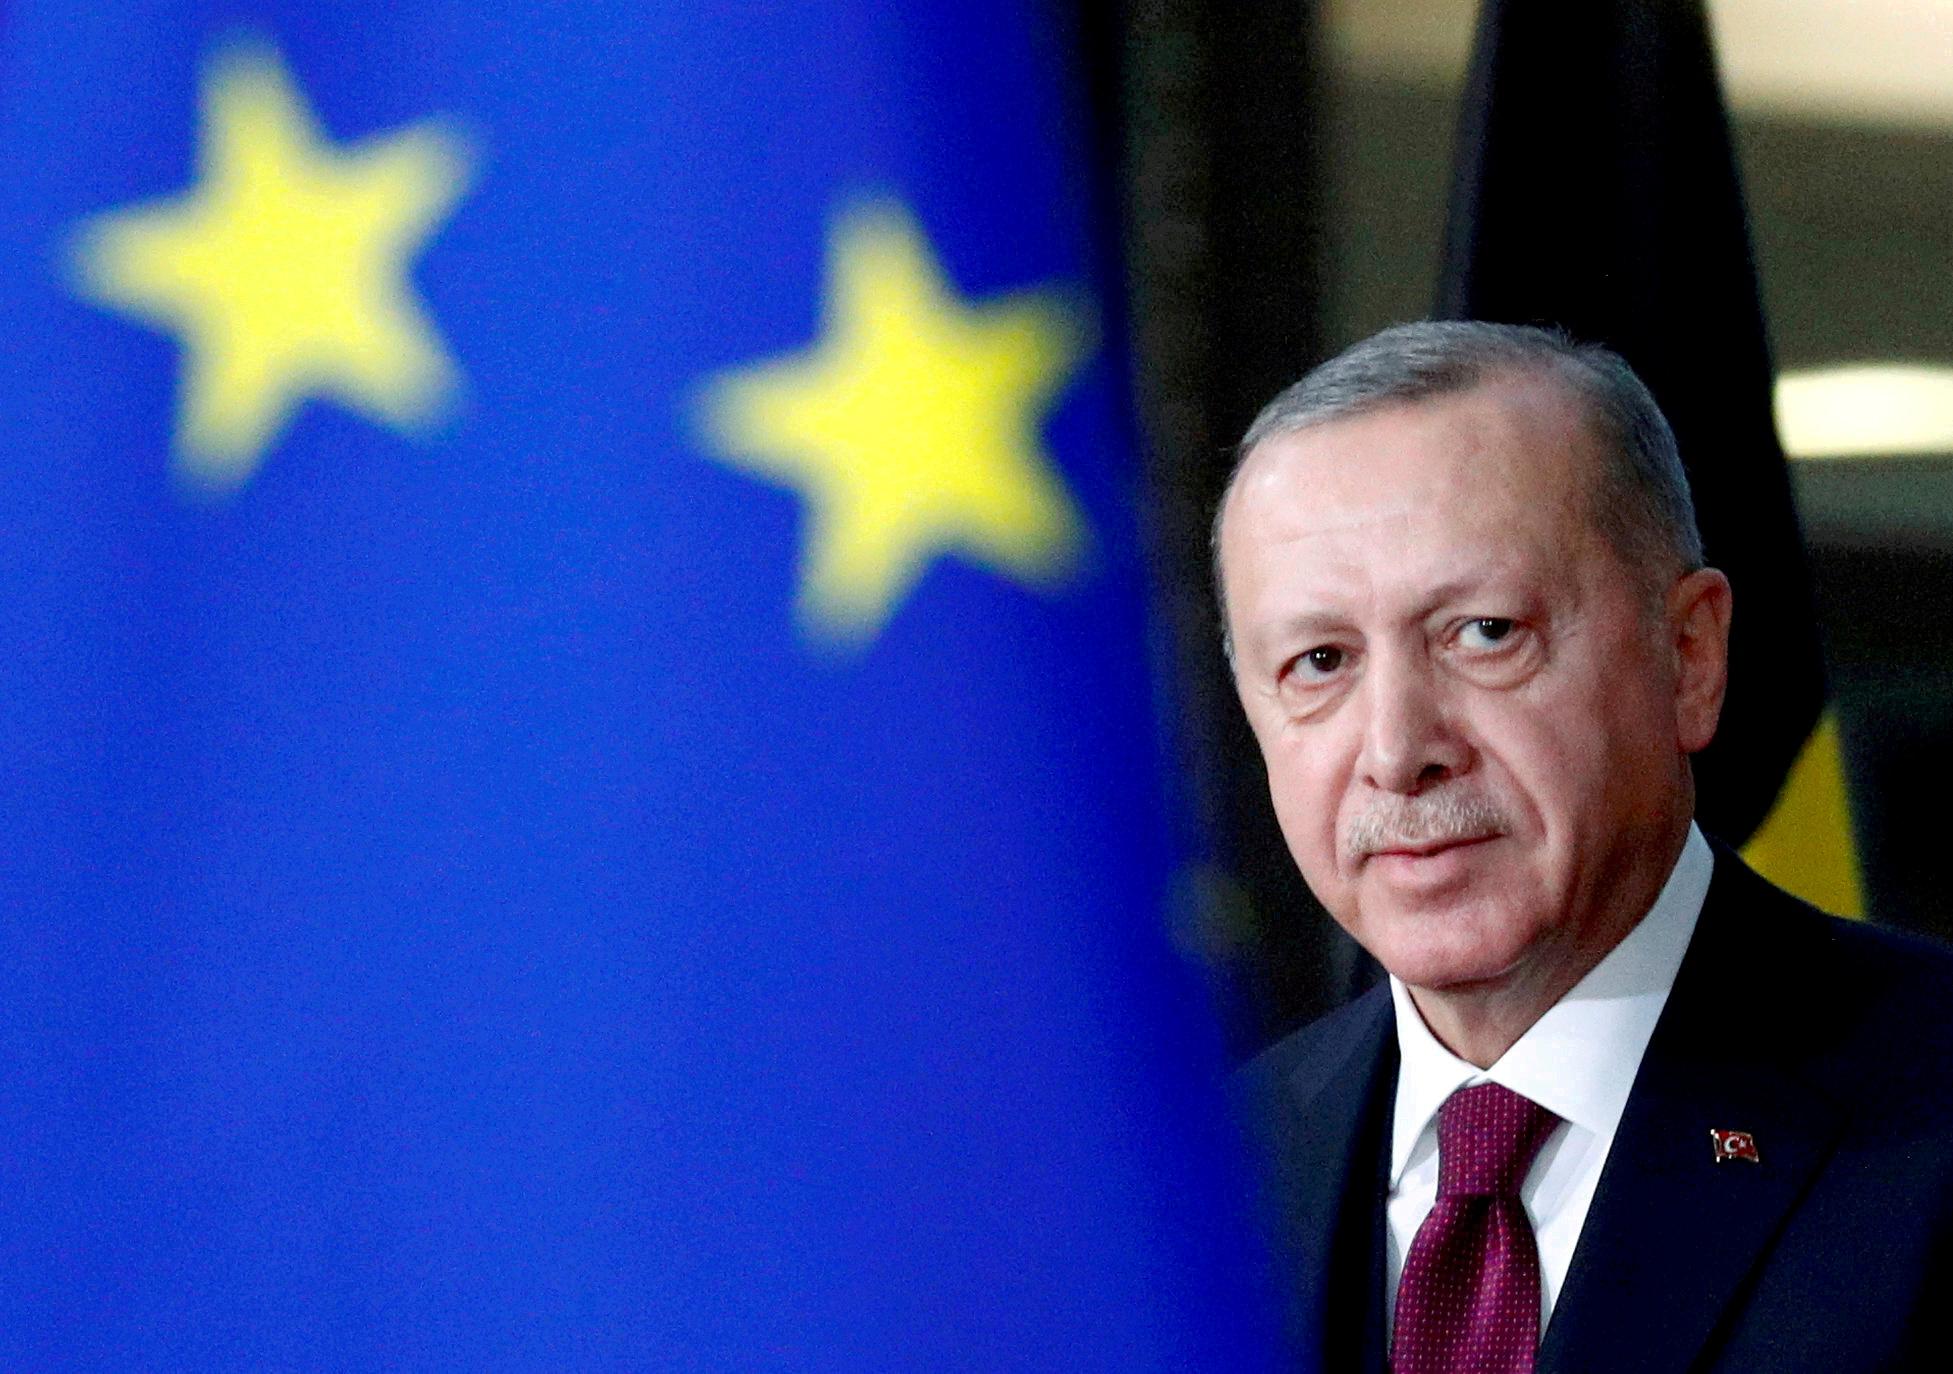 Επικοινωνία Ερντογάν – Φον Ντερ Λάιεν εν όψει του Ευρωπαϊκού Συμβουλίου